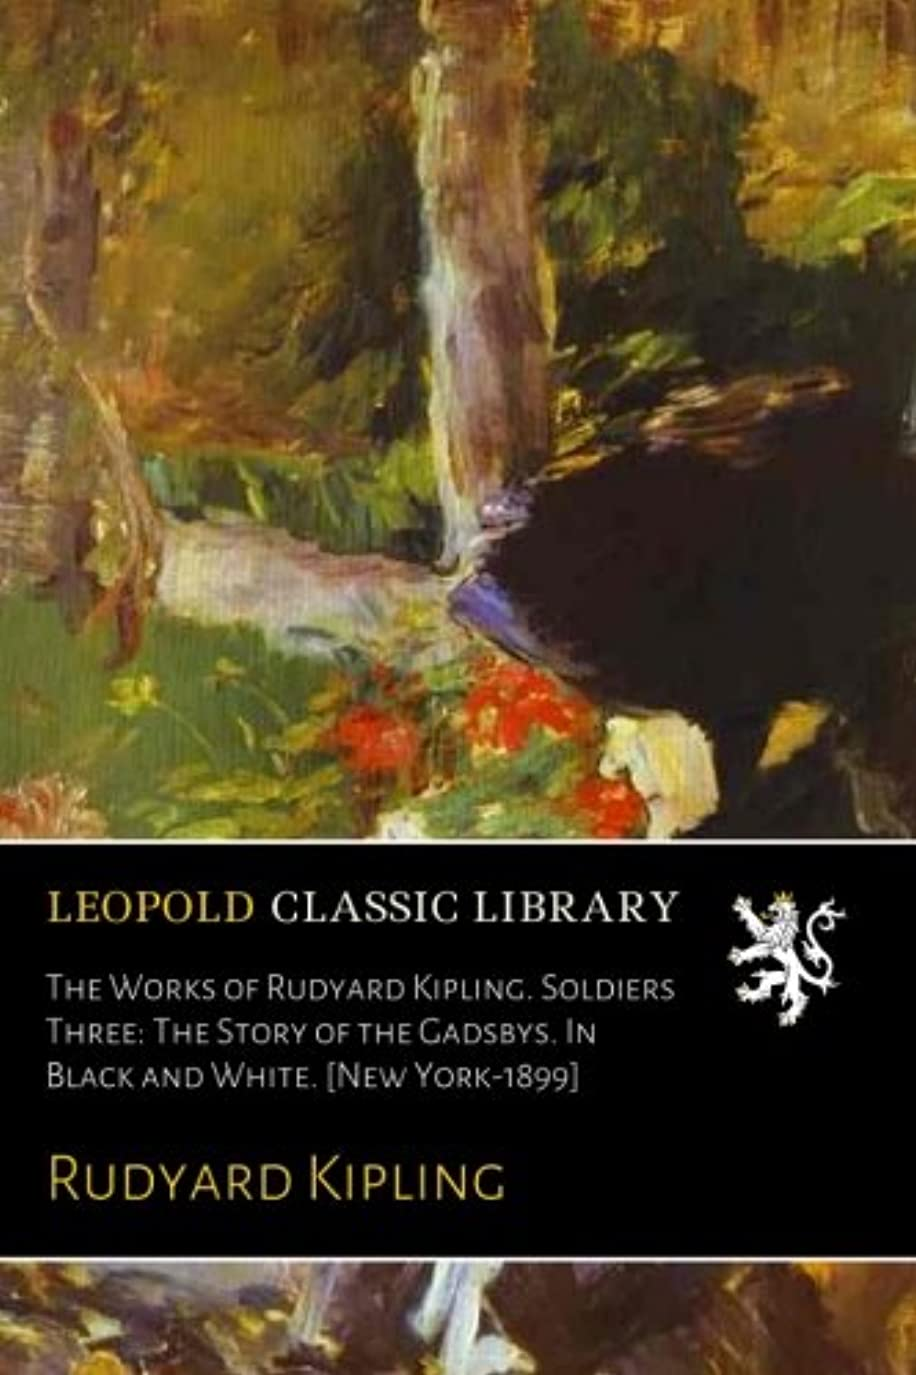 謎細い定説The Works of Rudyard Kipling. Soldiers Three: The Story of the Gadsbys. In Black and White. [New York-1899]